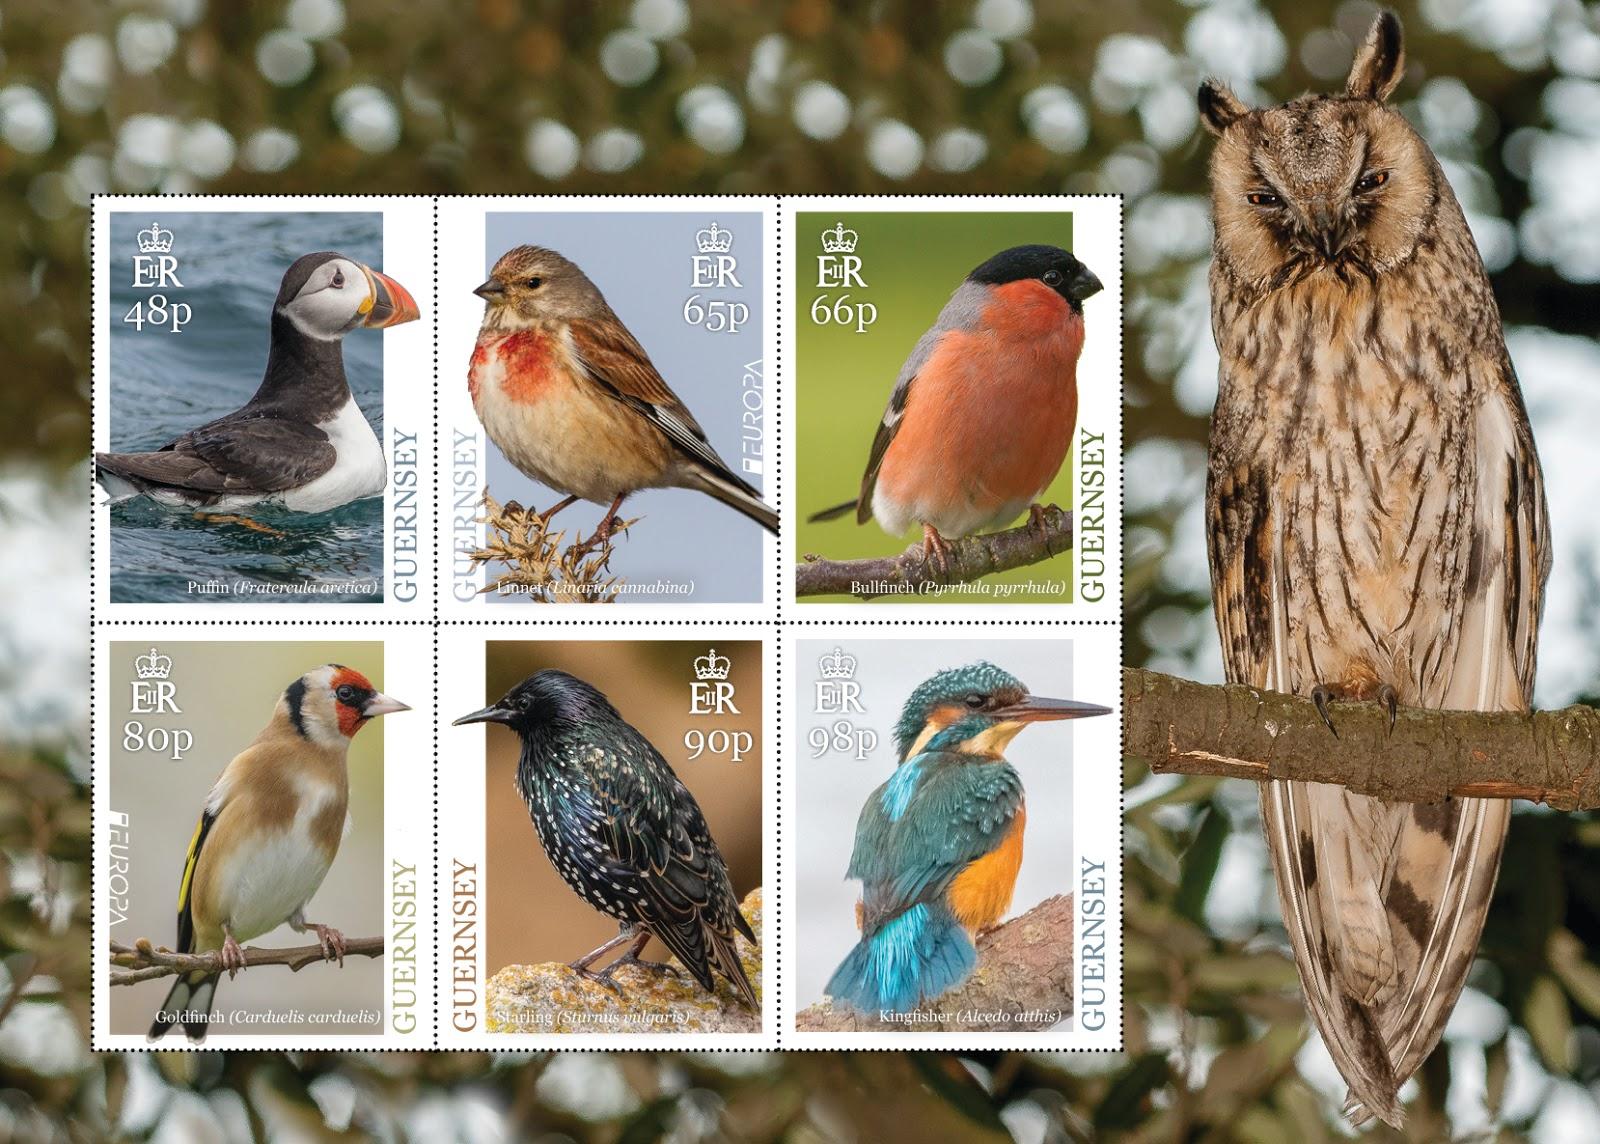 Guernsey - National Birds (April 1, 2019) sheet of 6